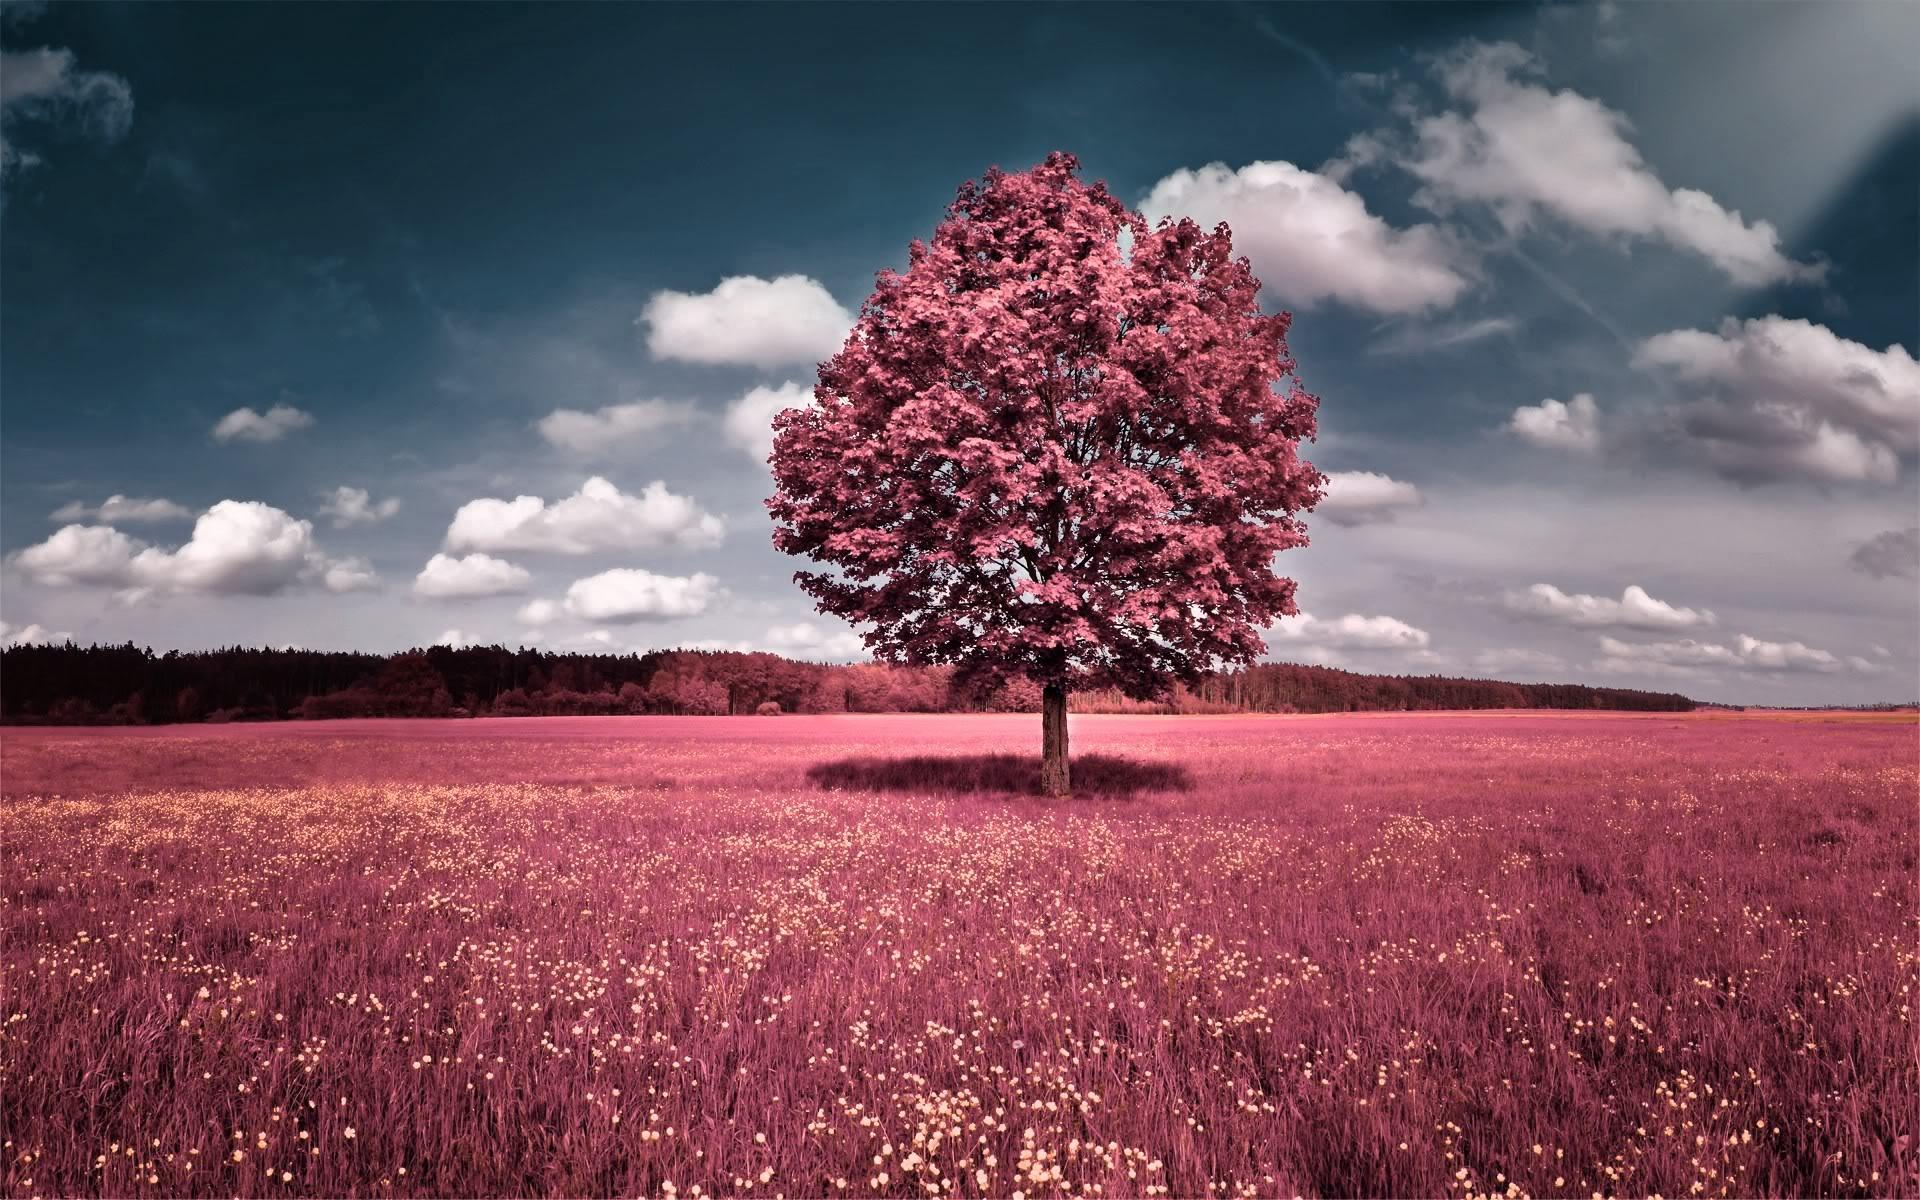 landscape photography art